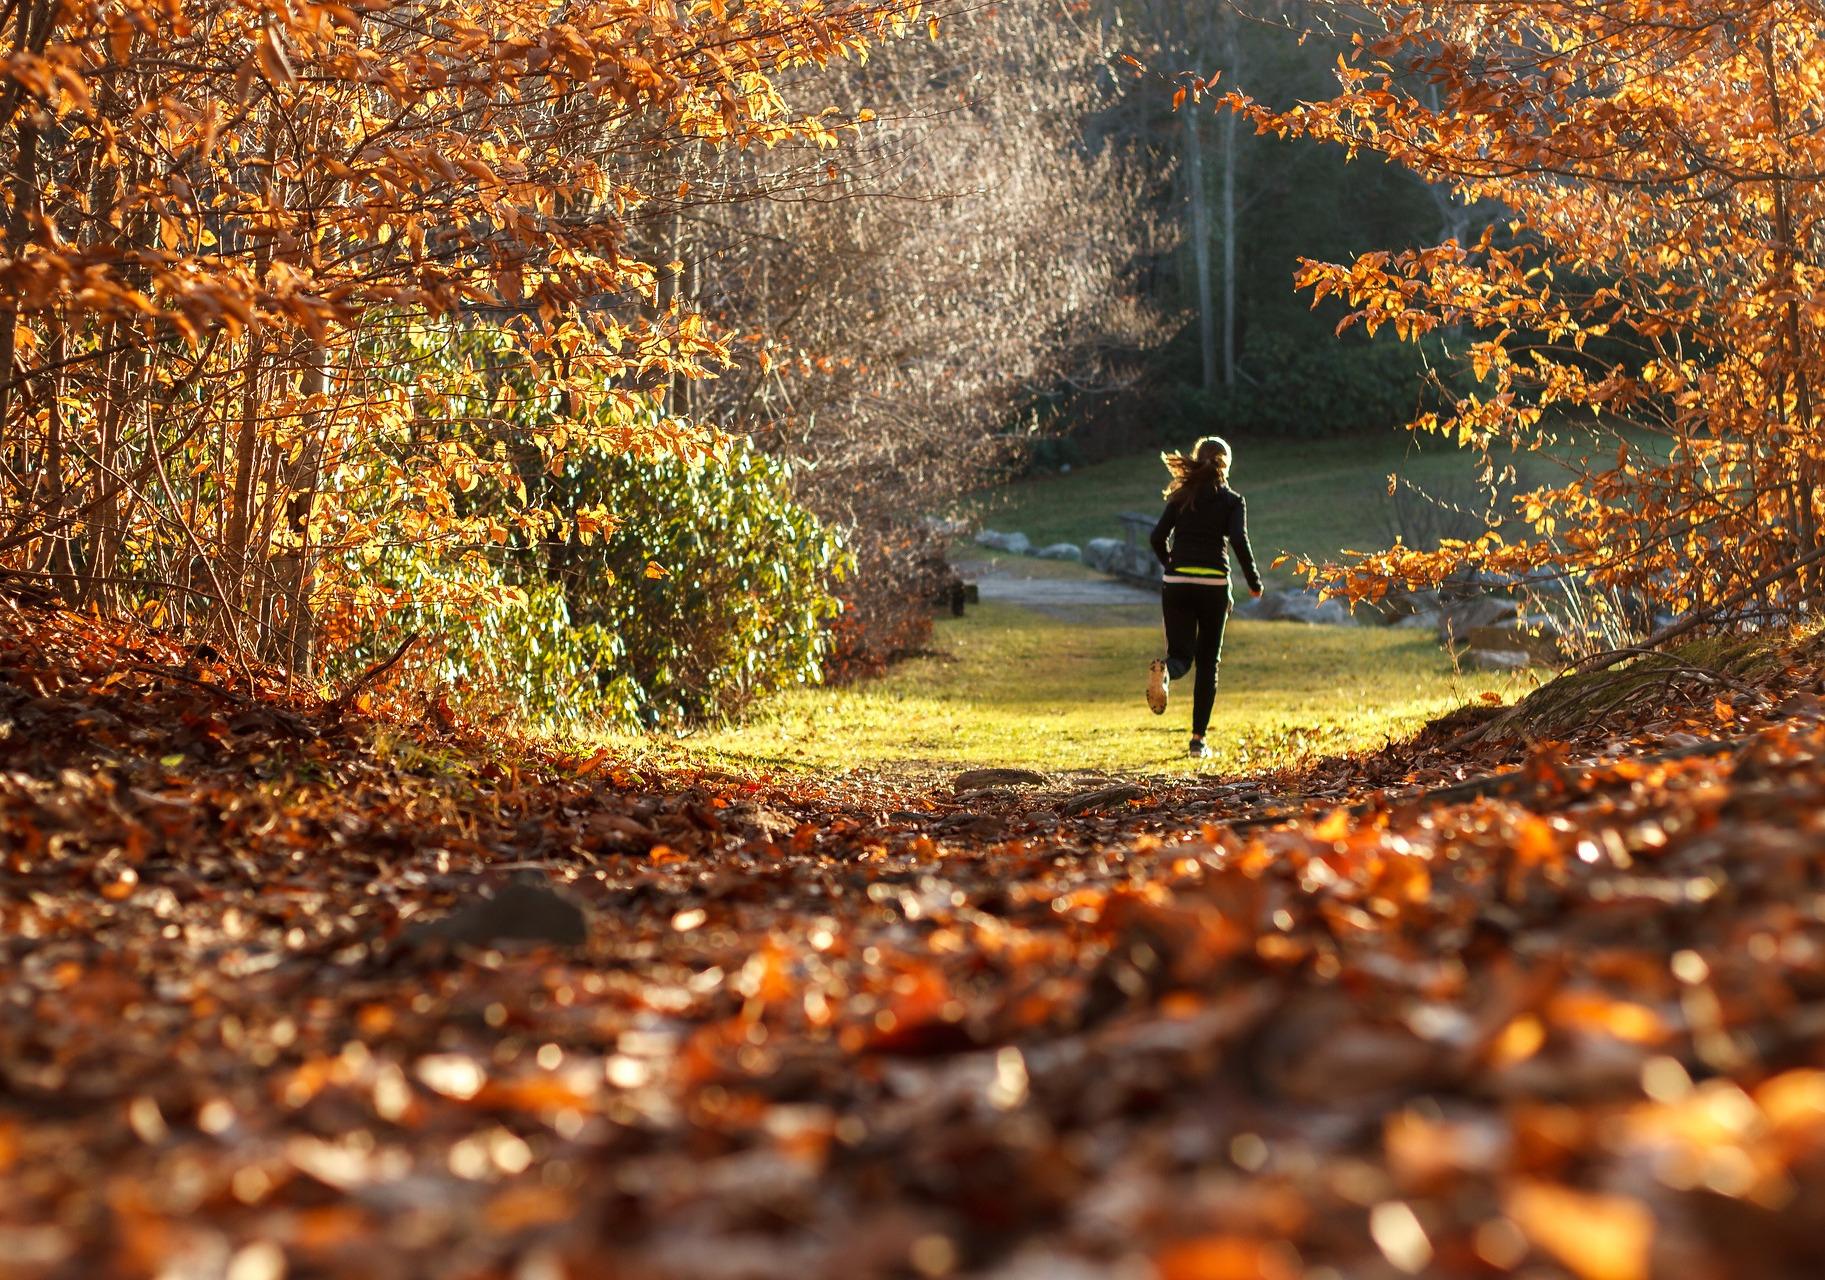 Vuoi iniziare a correre? Ecco i 6 consigli per riuscirci senza sforzo